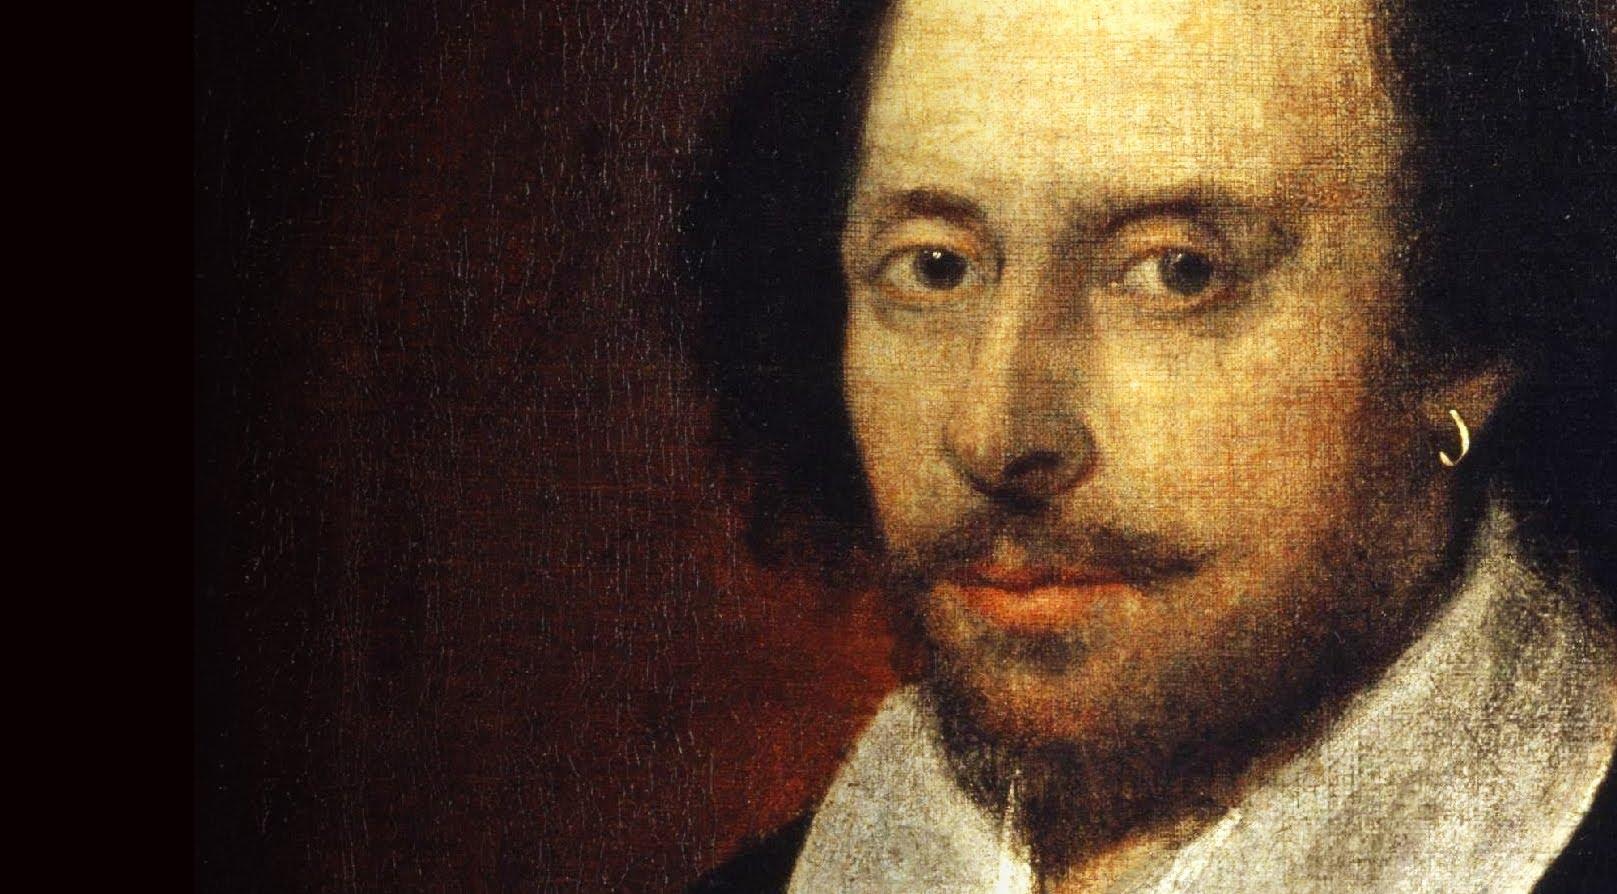 William Shakespeare: obra do dramaturgo inglês se mantém em evidência